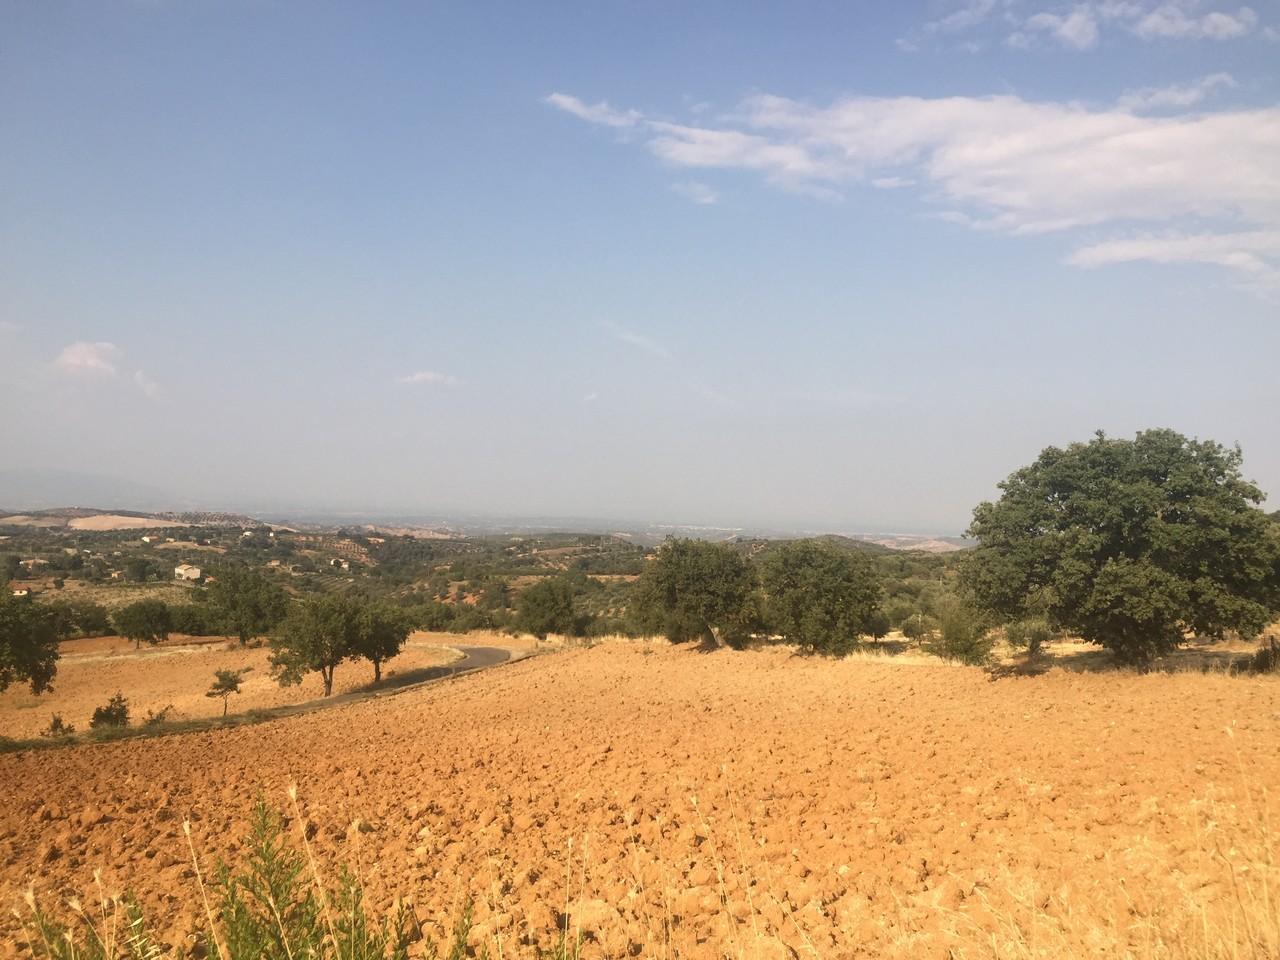 Resoconto della primavera 2017 in Calabria: ancora caldo e secco ad oltranza quasi ovunque...